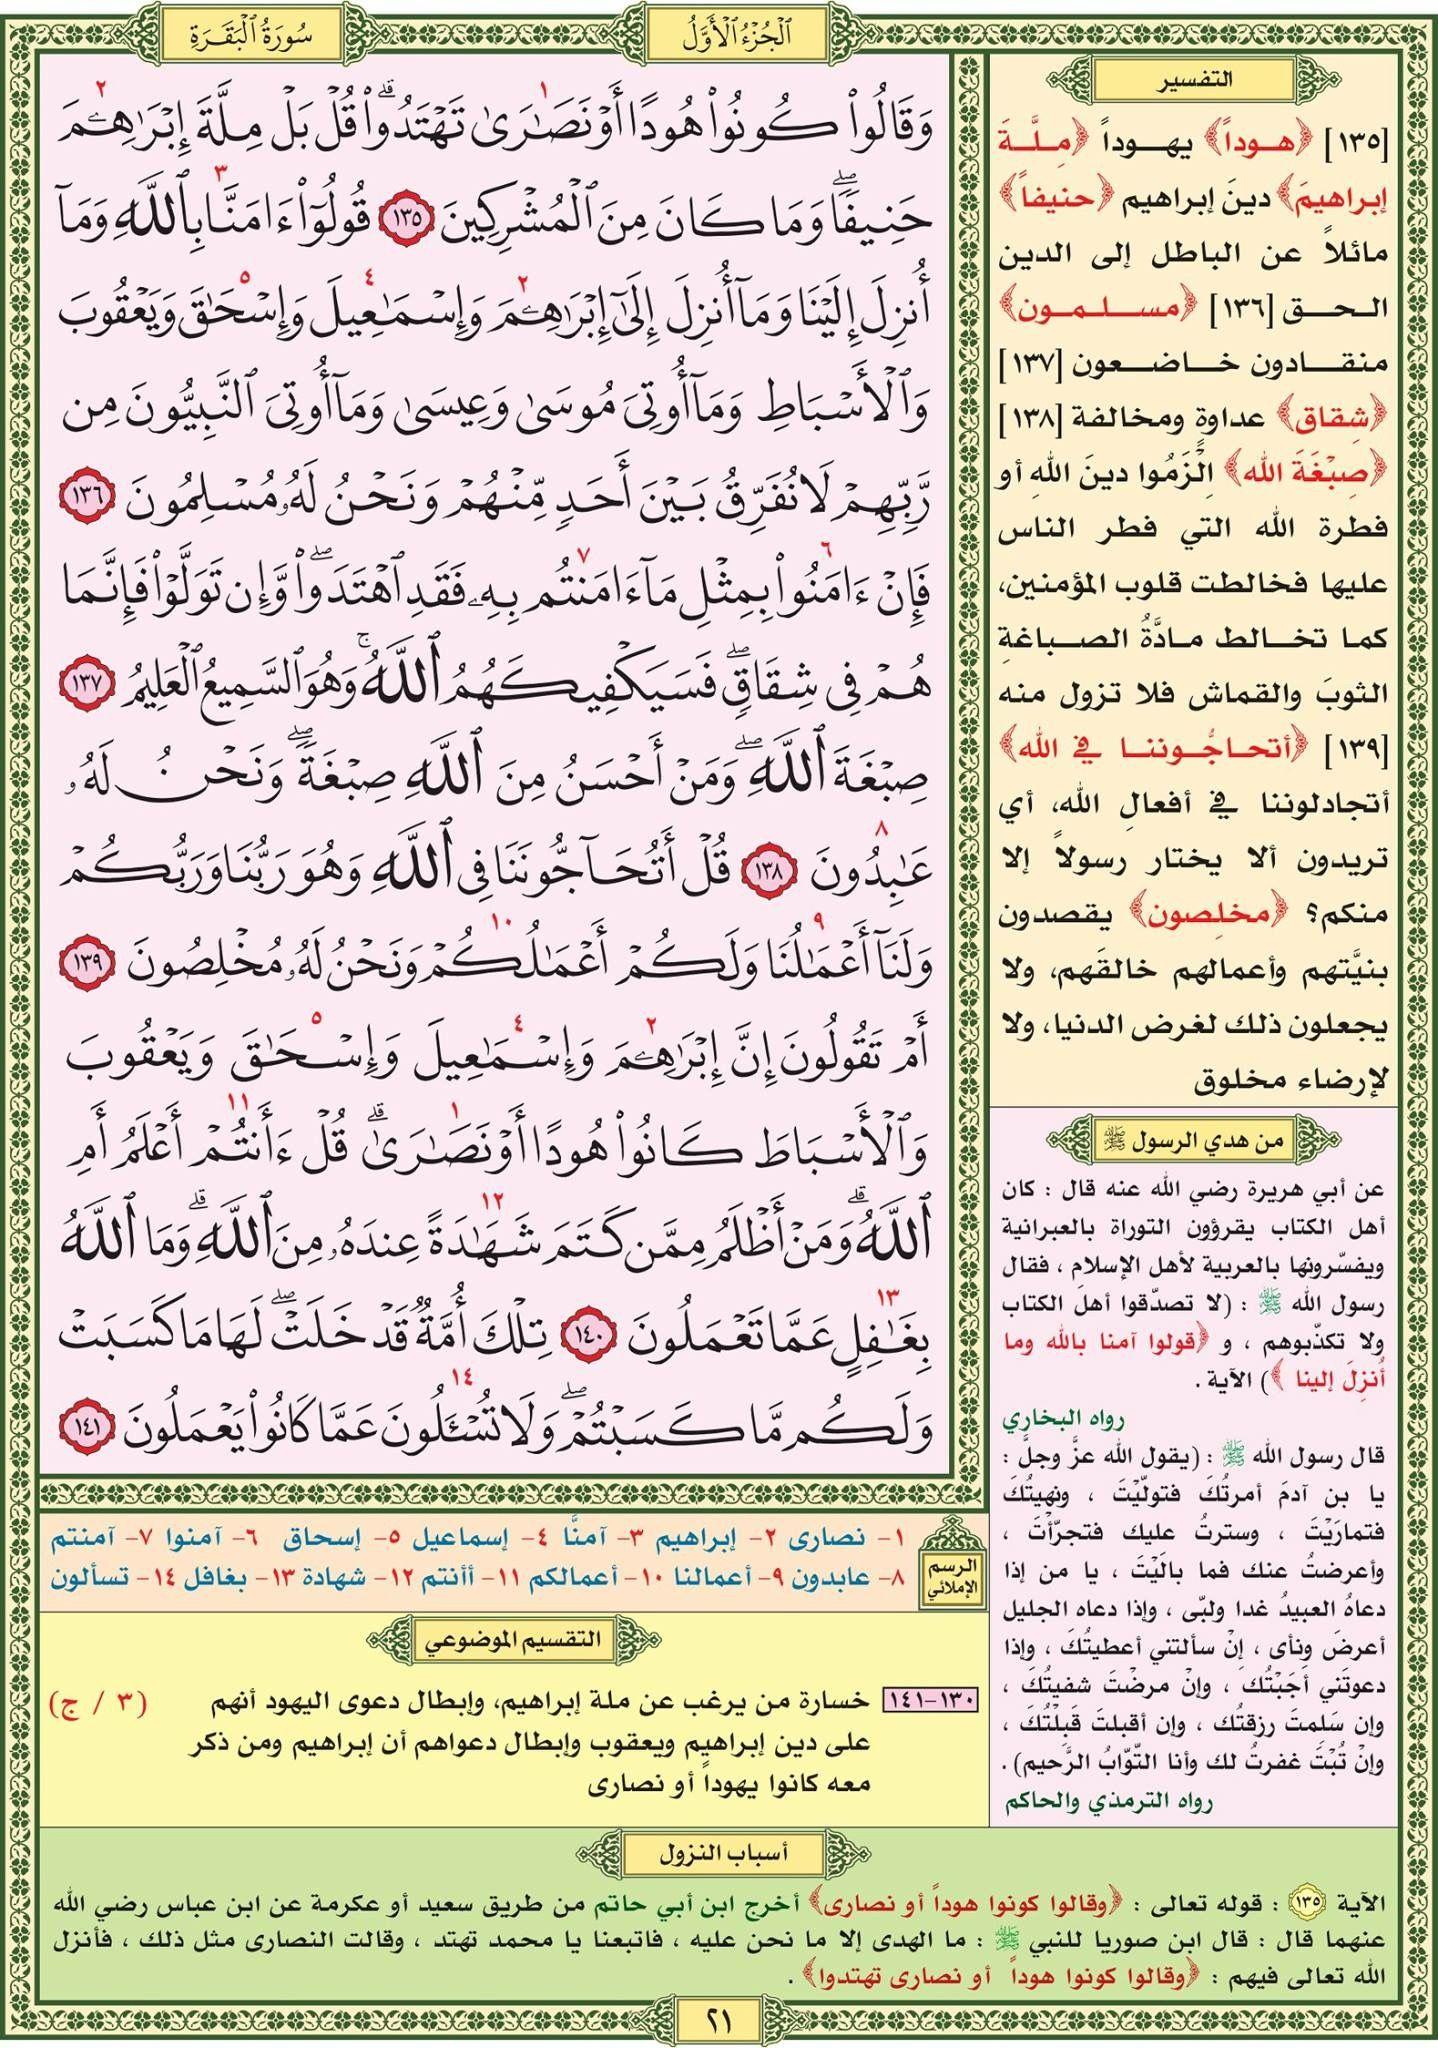 سورة البقرة صفحة رقم ٢١ مصحف التقسيم الموضوعي للحافظ المتقن Holy Quran Book Quran Book Quran Verses